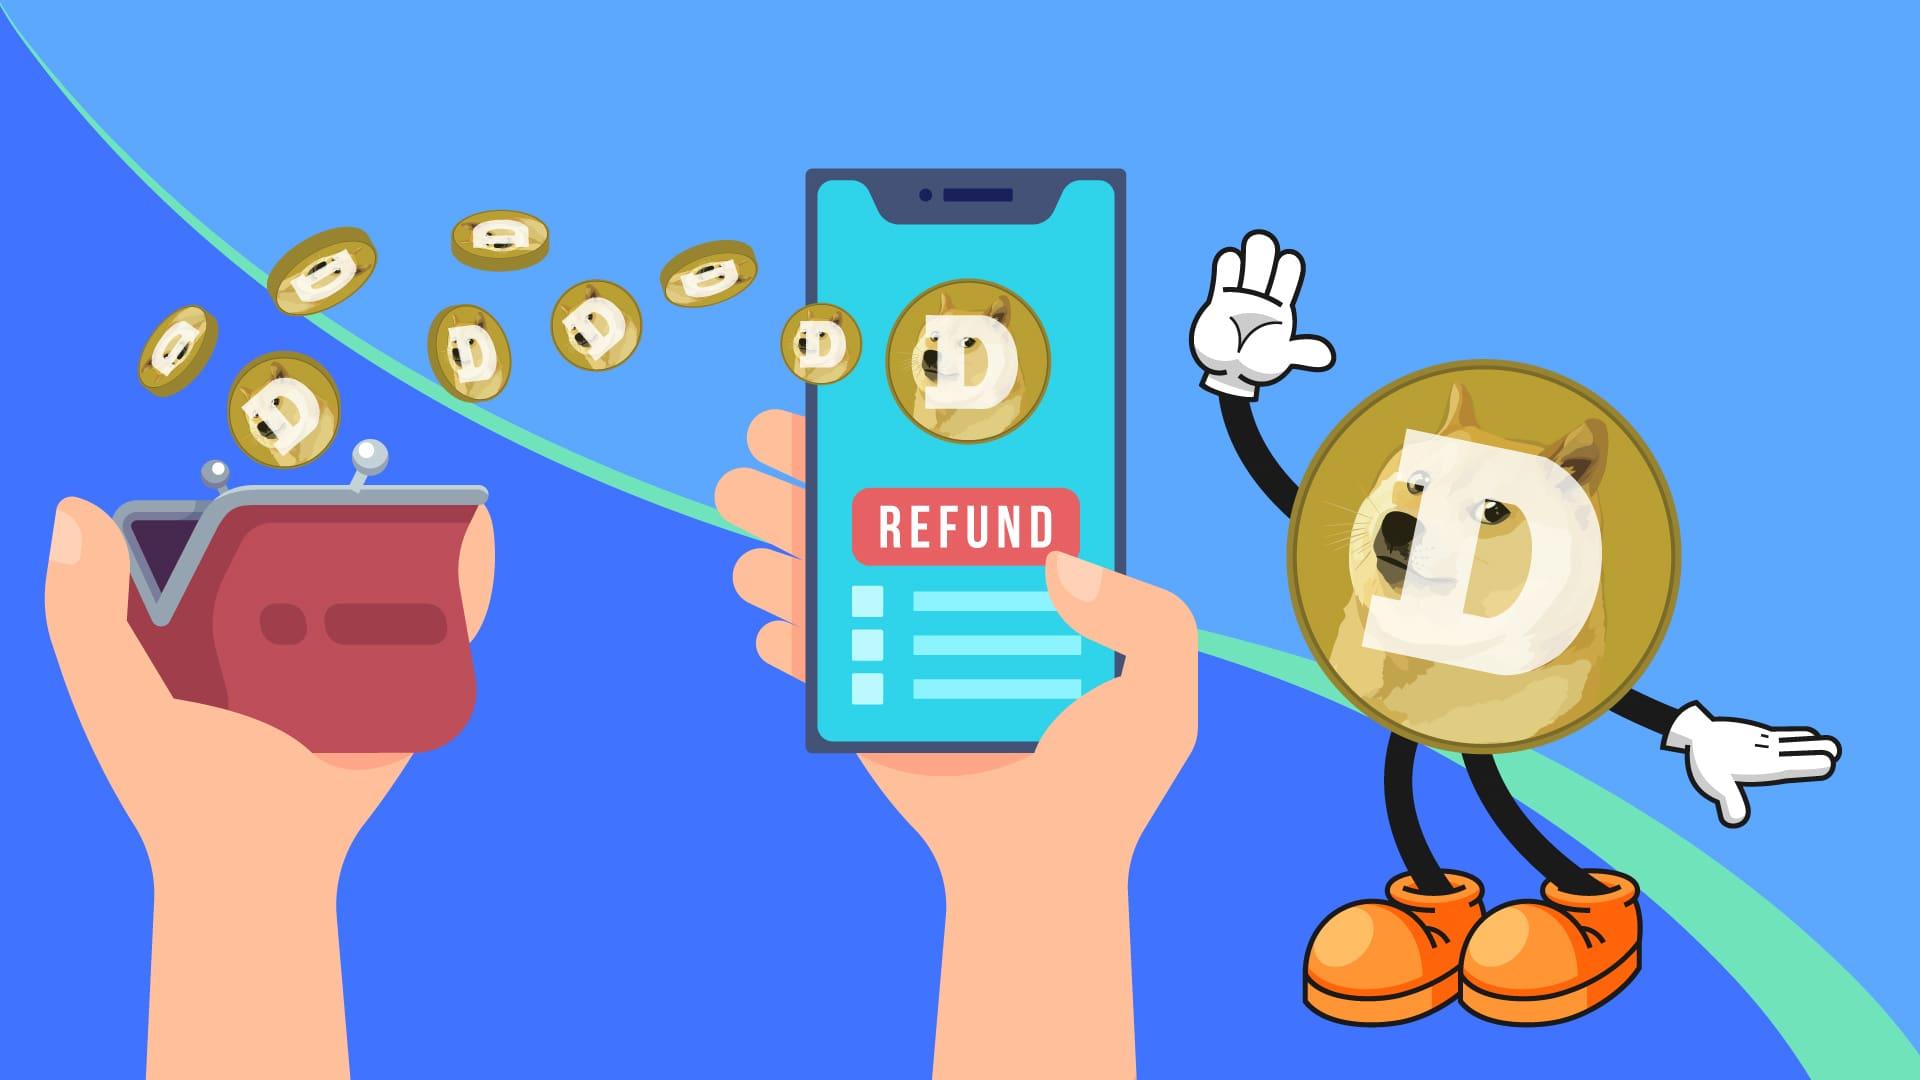 Get Refund in Dogecoin